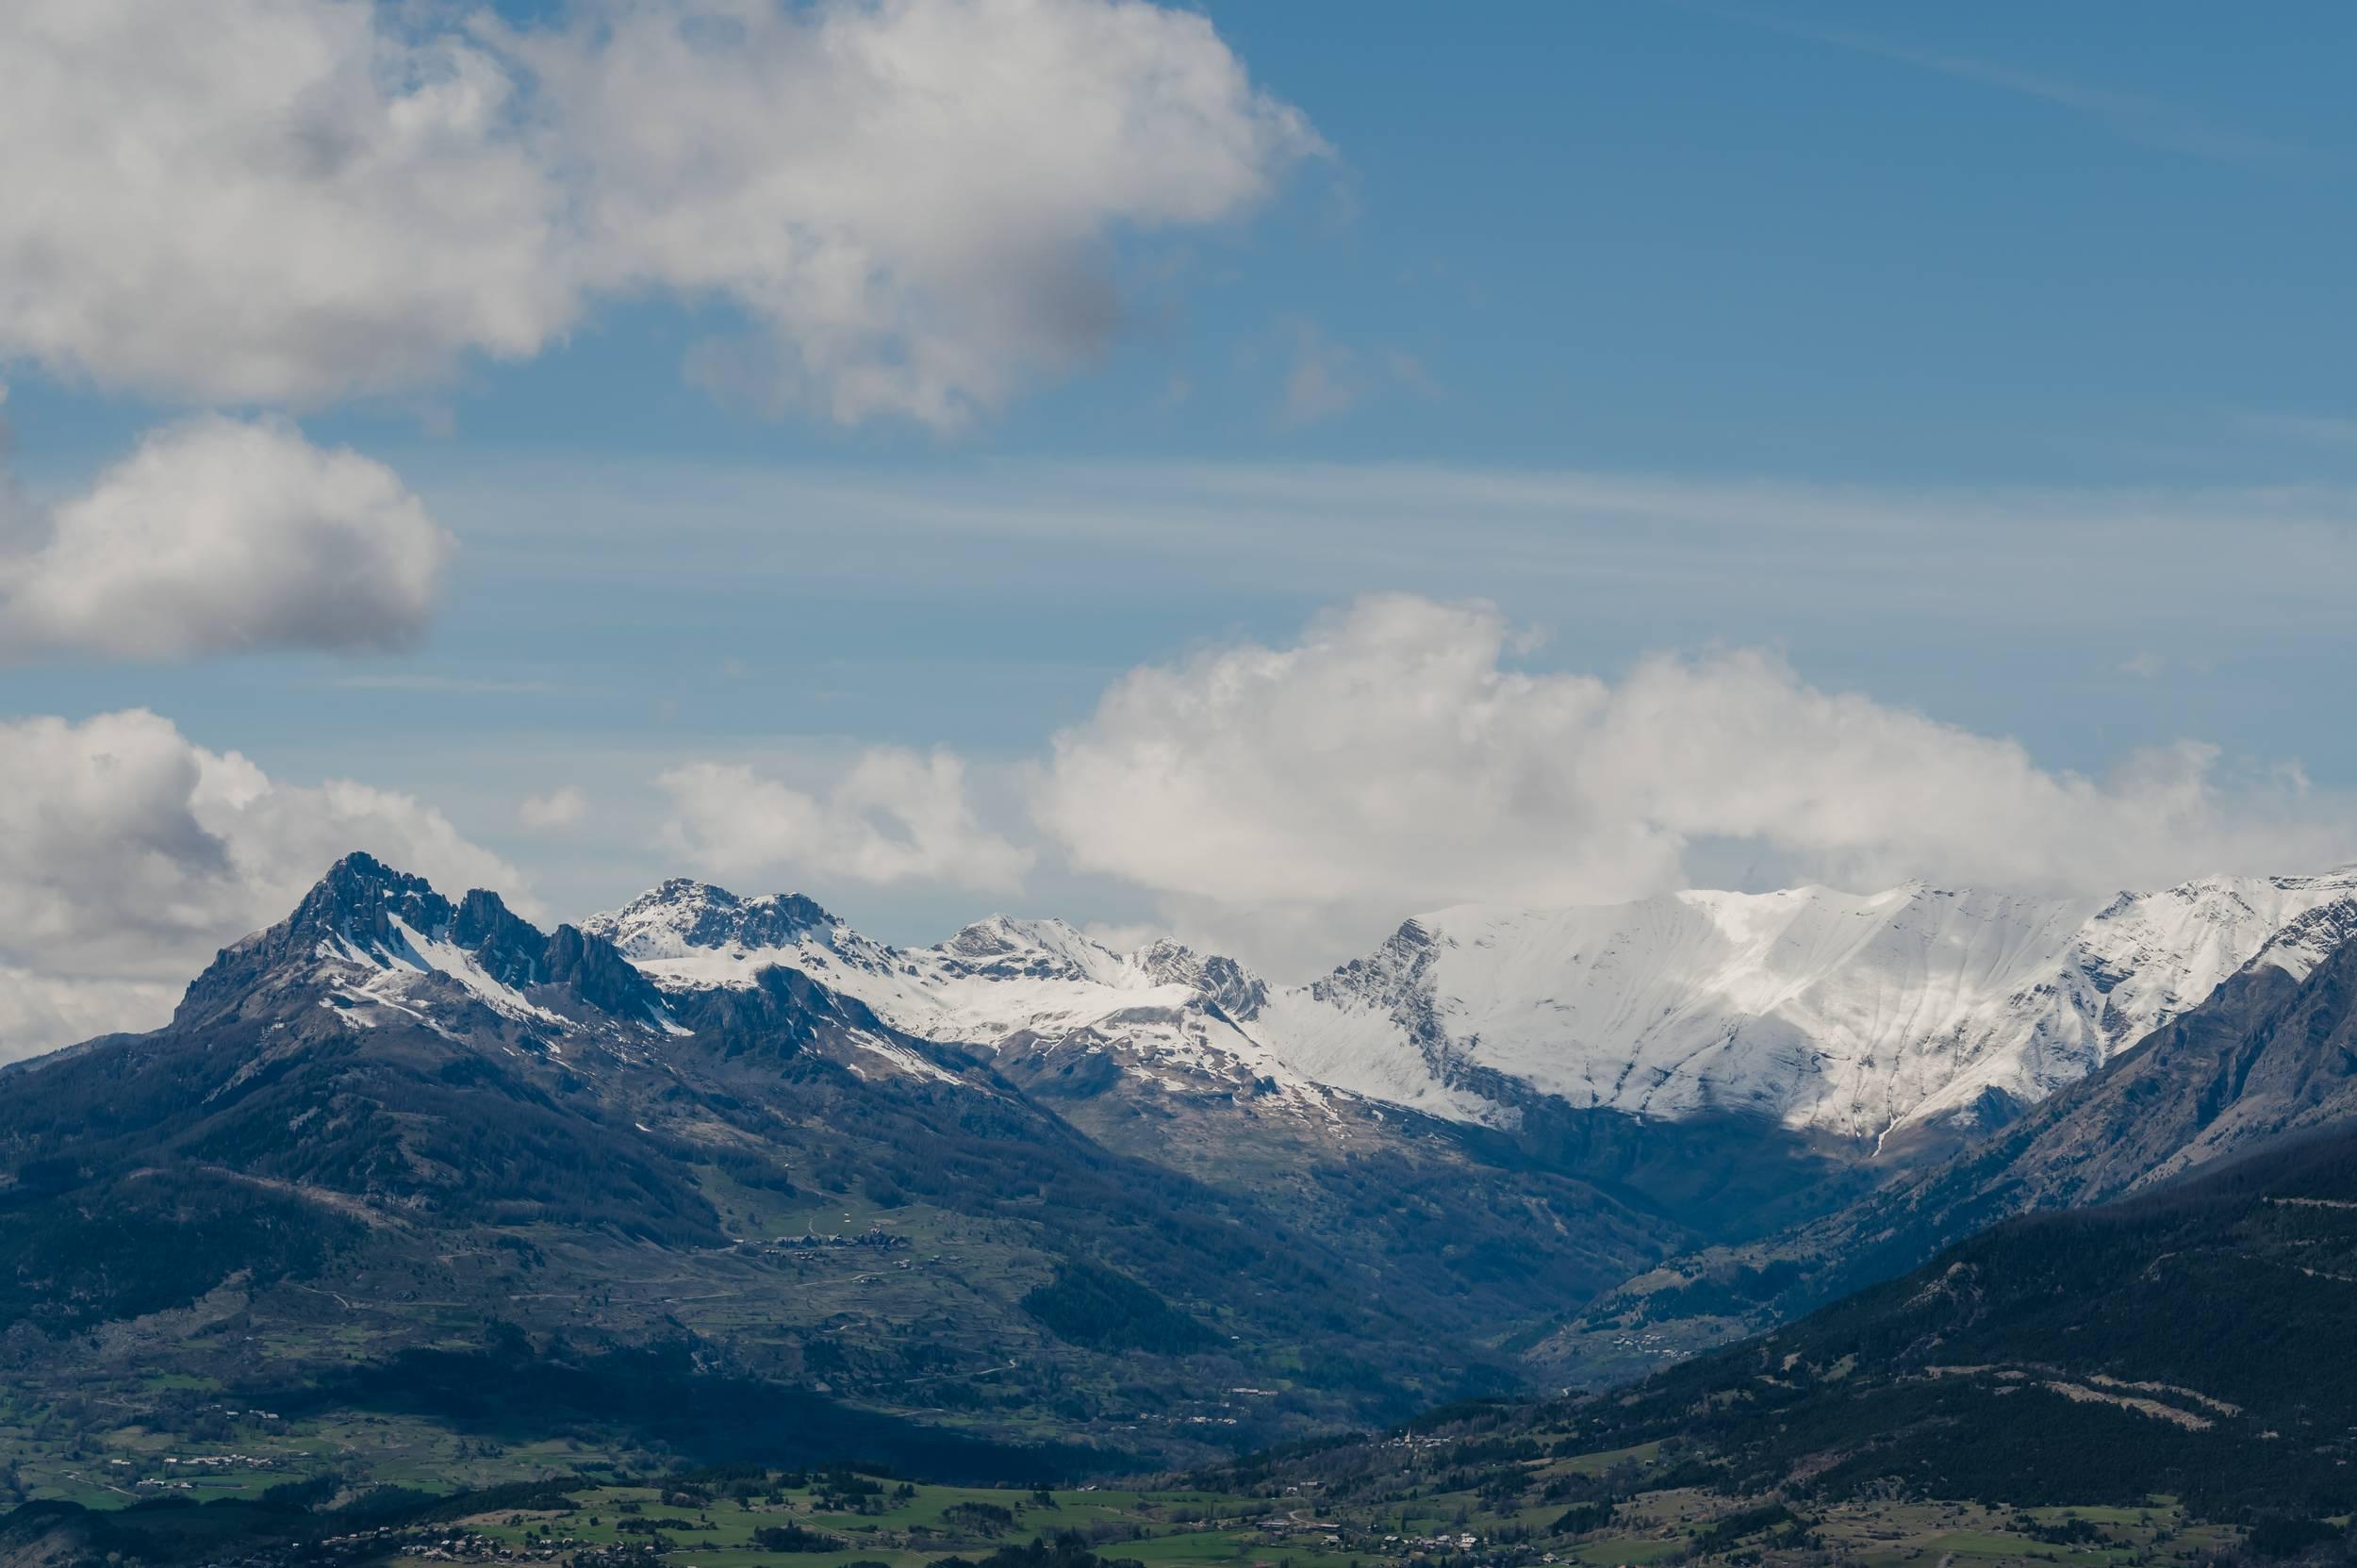 Montagnes alpes du sud - Hautes Alpes